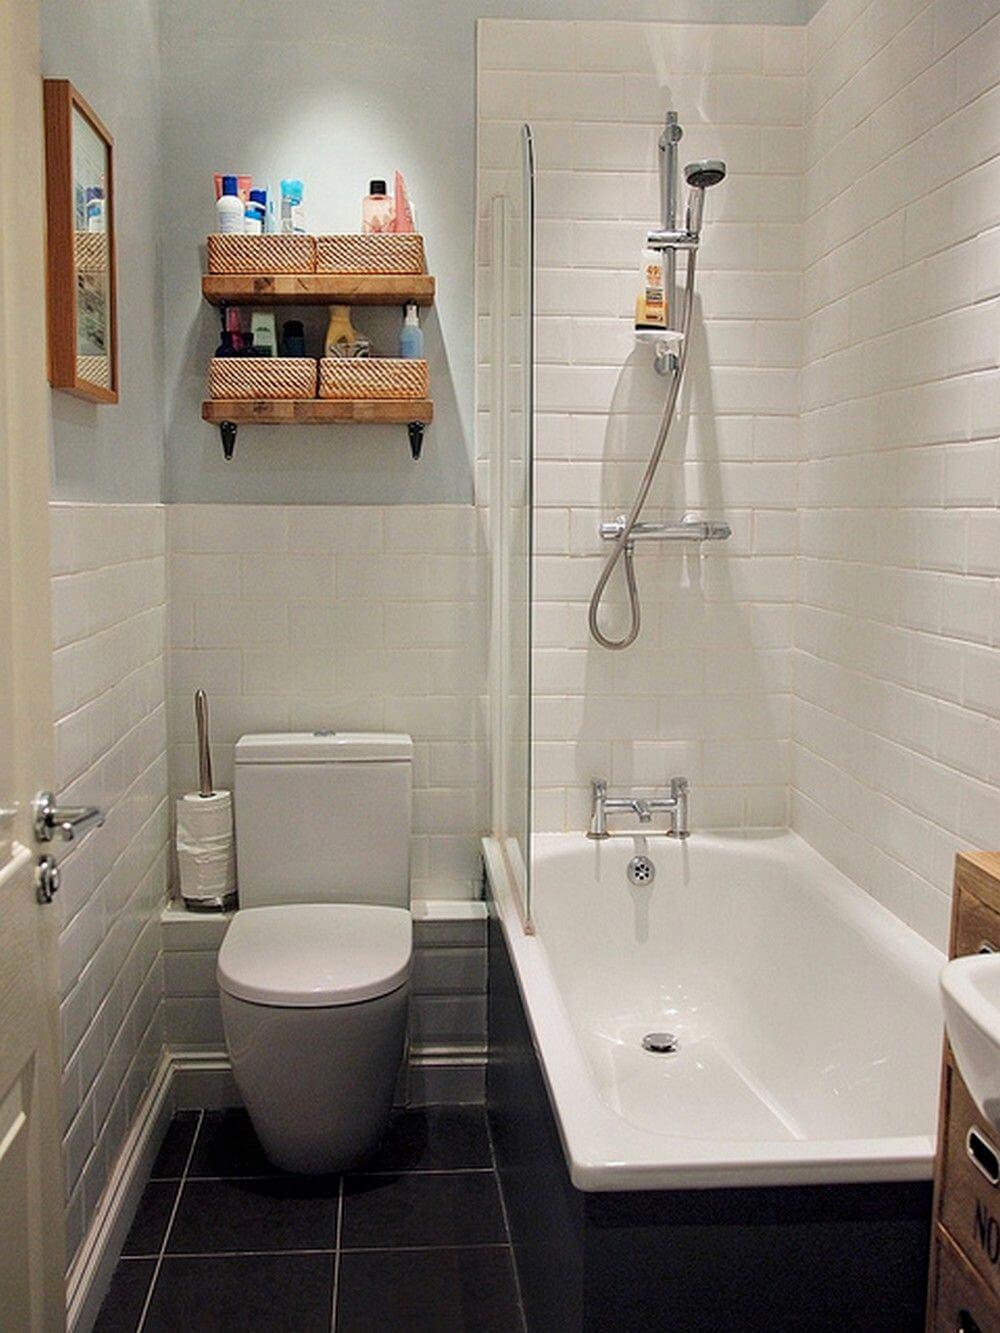 Дизайн маленькой ванной комнаты без туалета идеи и варианты оформления 39 фото